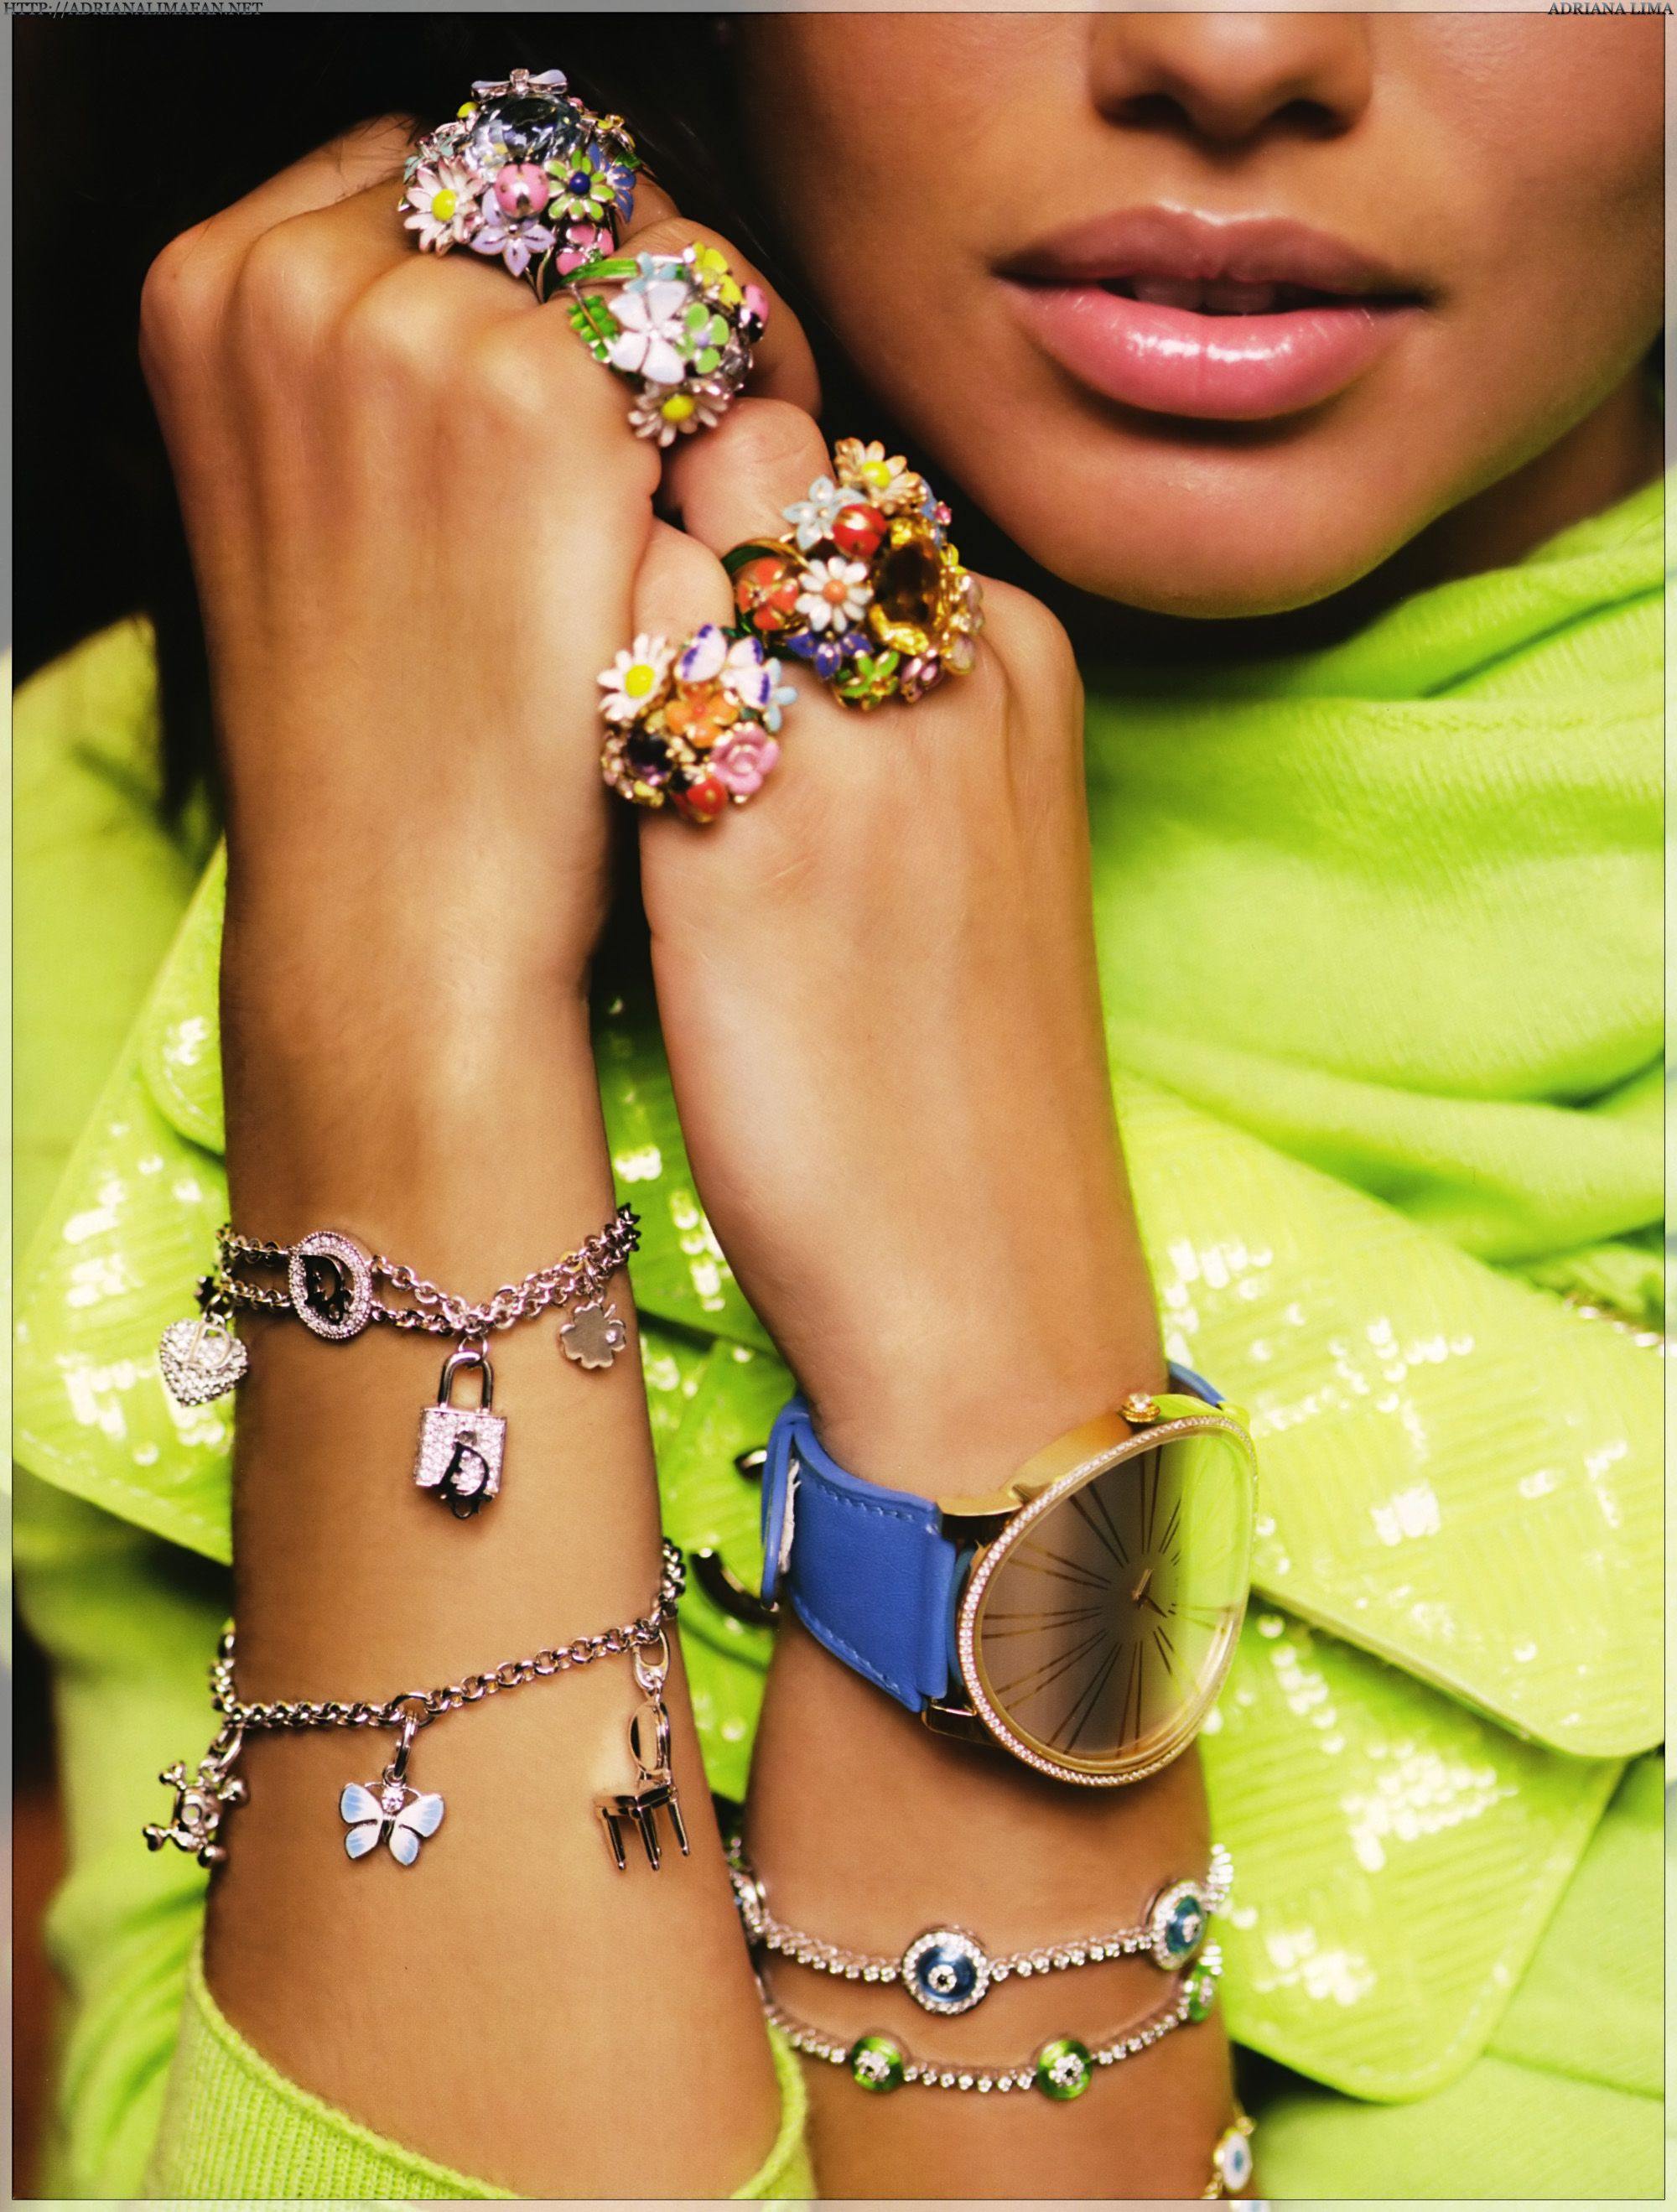 Adriana Lima for Vogue '08